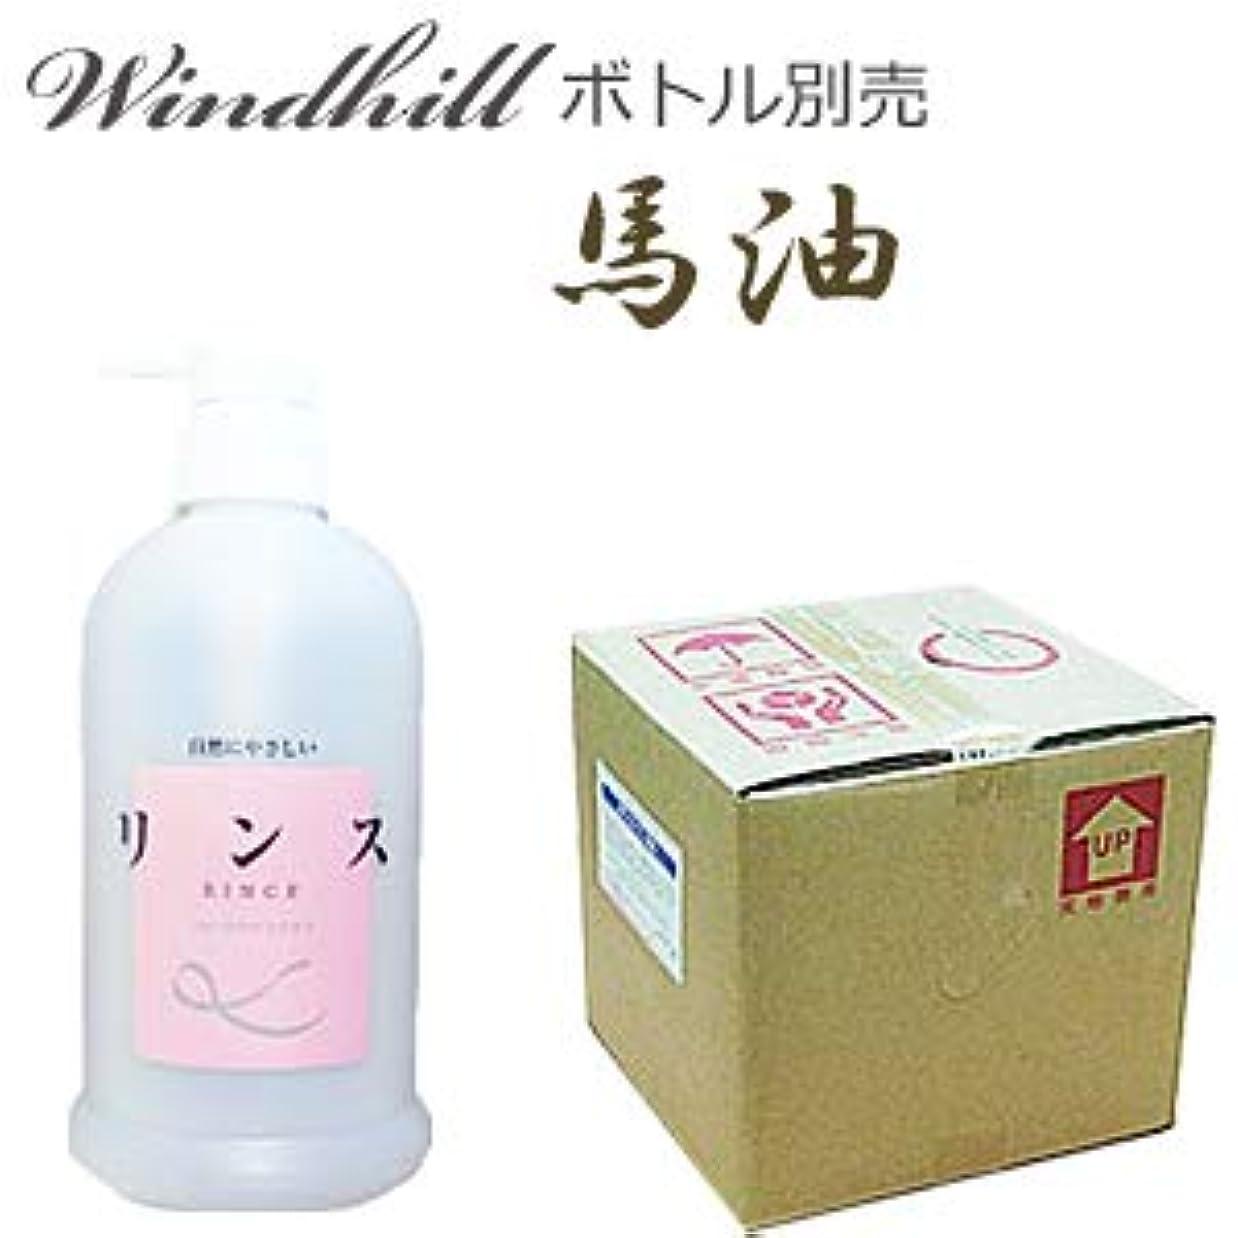 ジャンピングジャック良さ乳製品なんと! 500ml当り190円 Windhill 馬油 業務用 リンス  フローラルの香り 20L